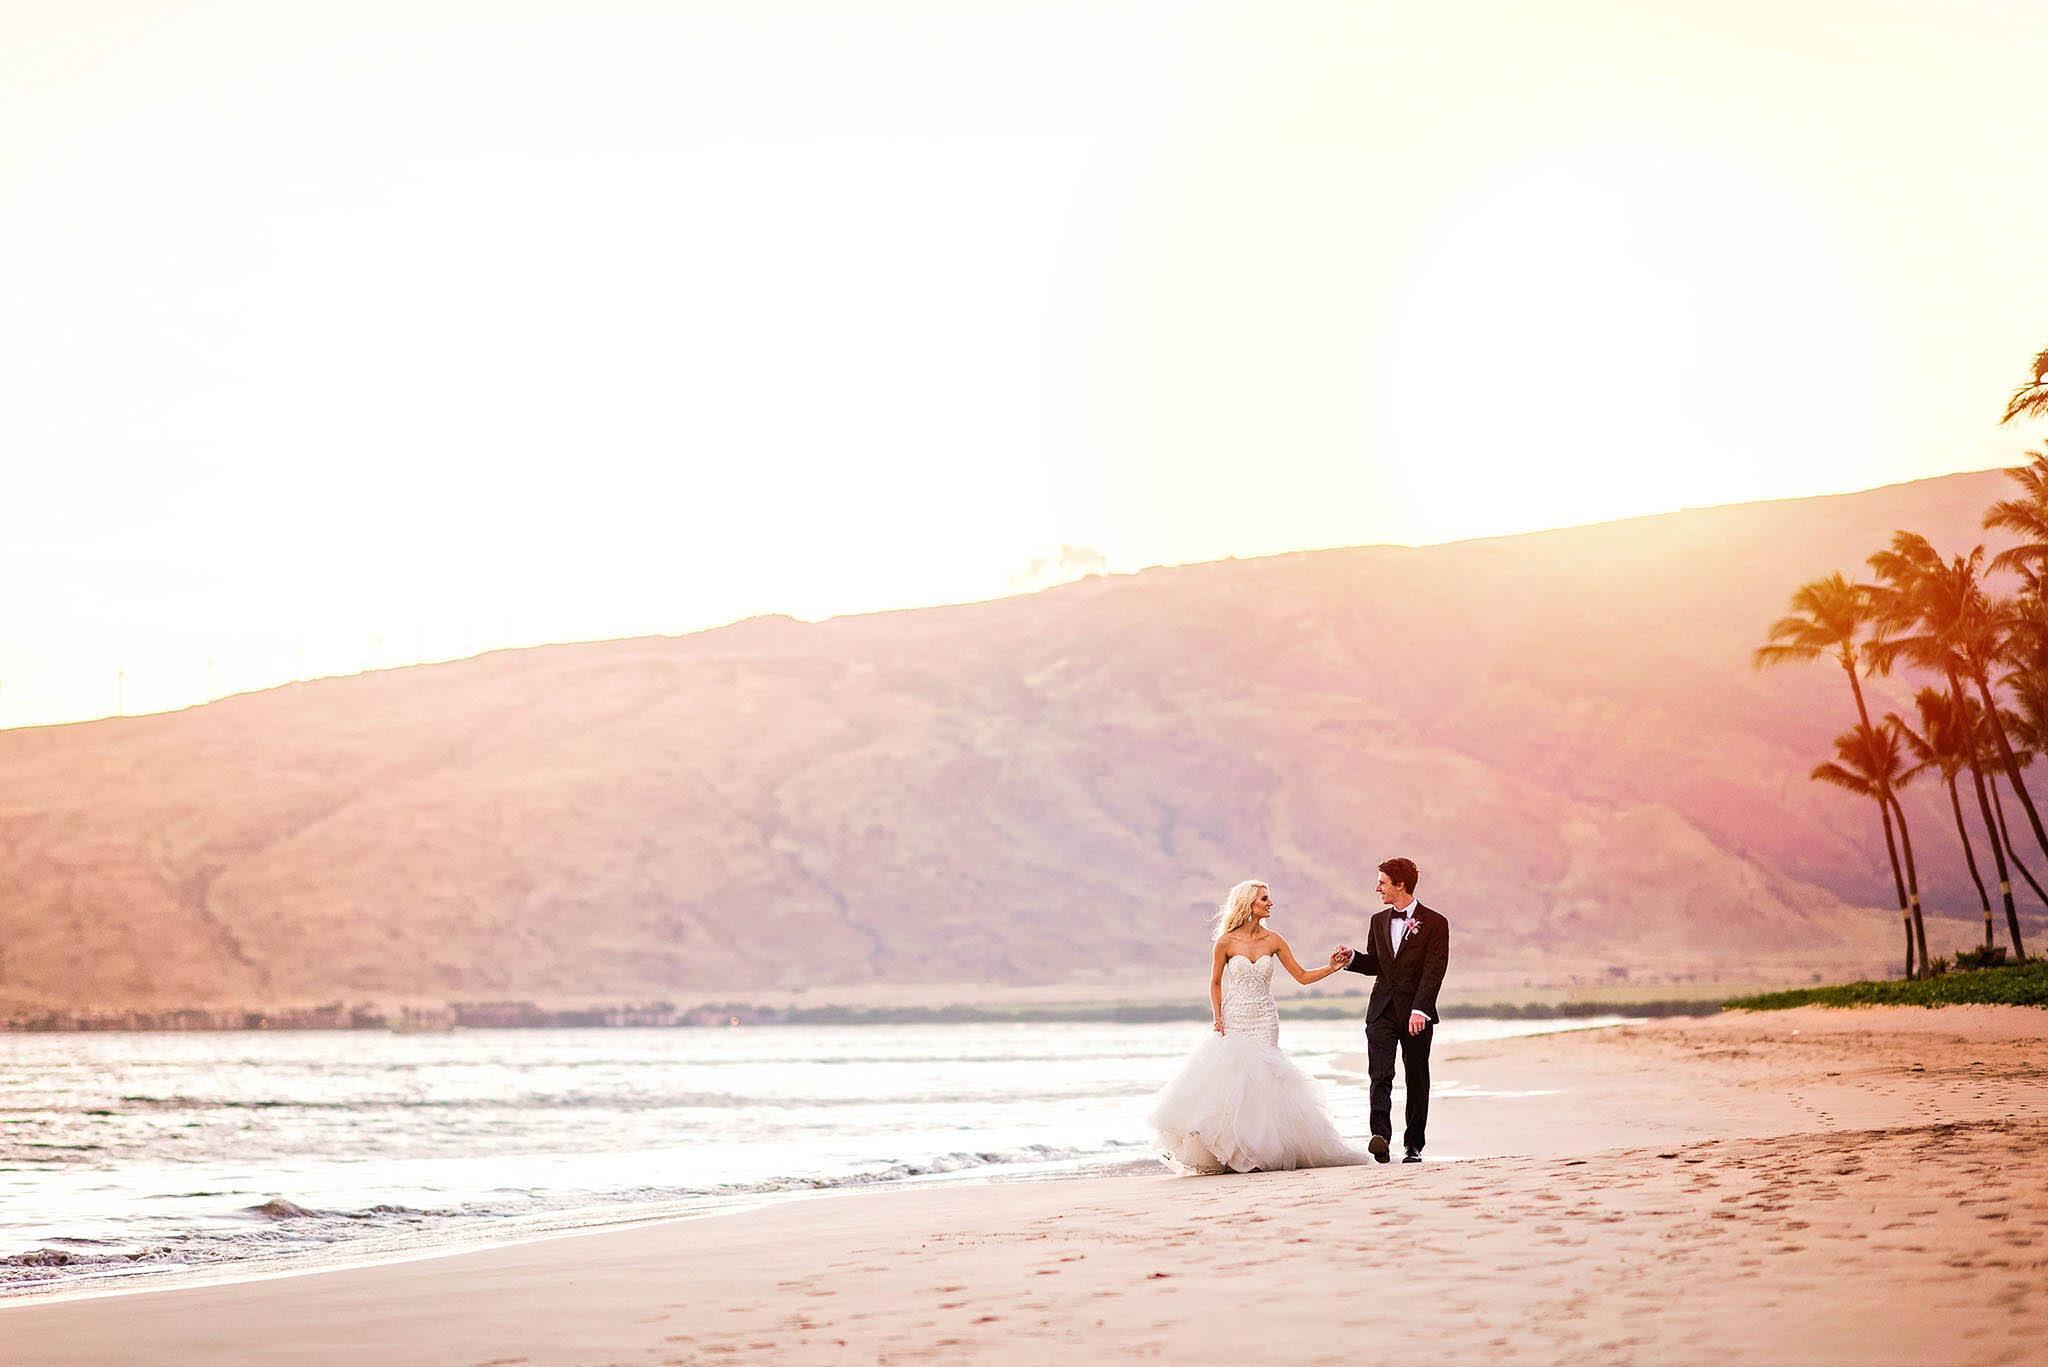 Maui wedding at Sugar Beach Events